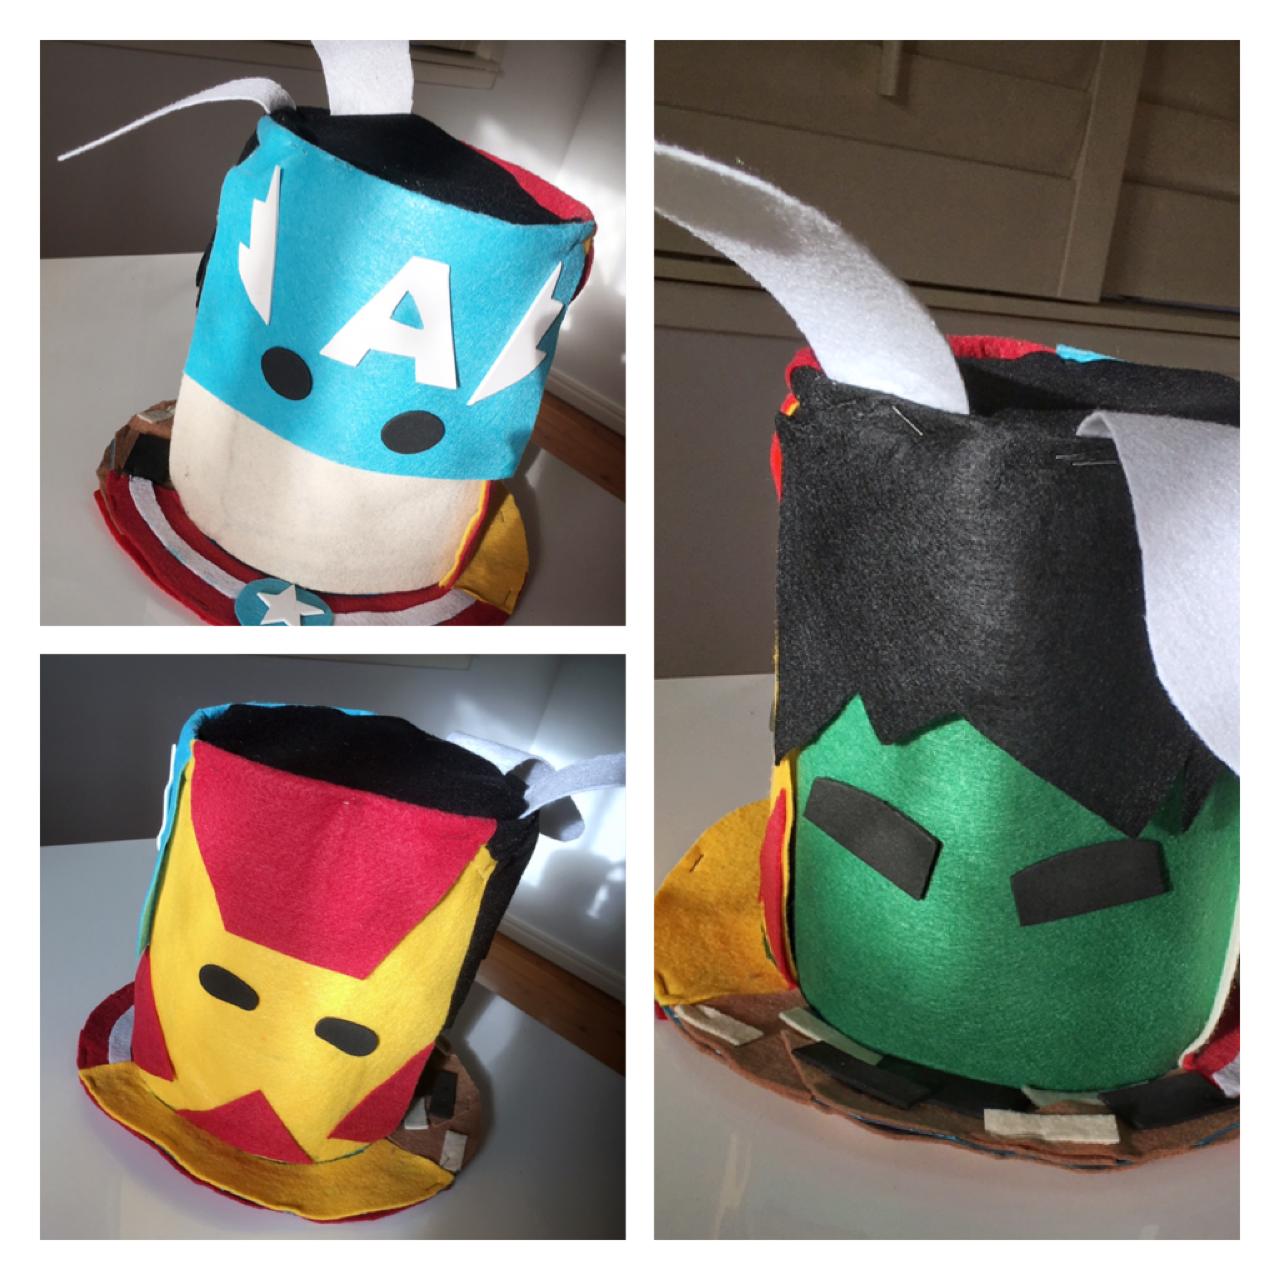 ebb29574591 DIY - Superhero Easter bonnet - avengers - hulk - captain America - ironman  Easter Hat